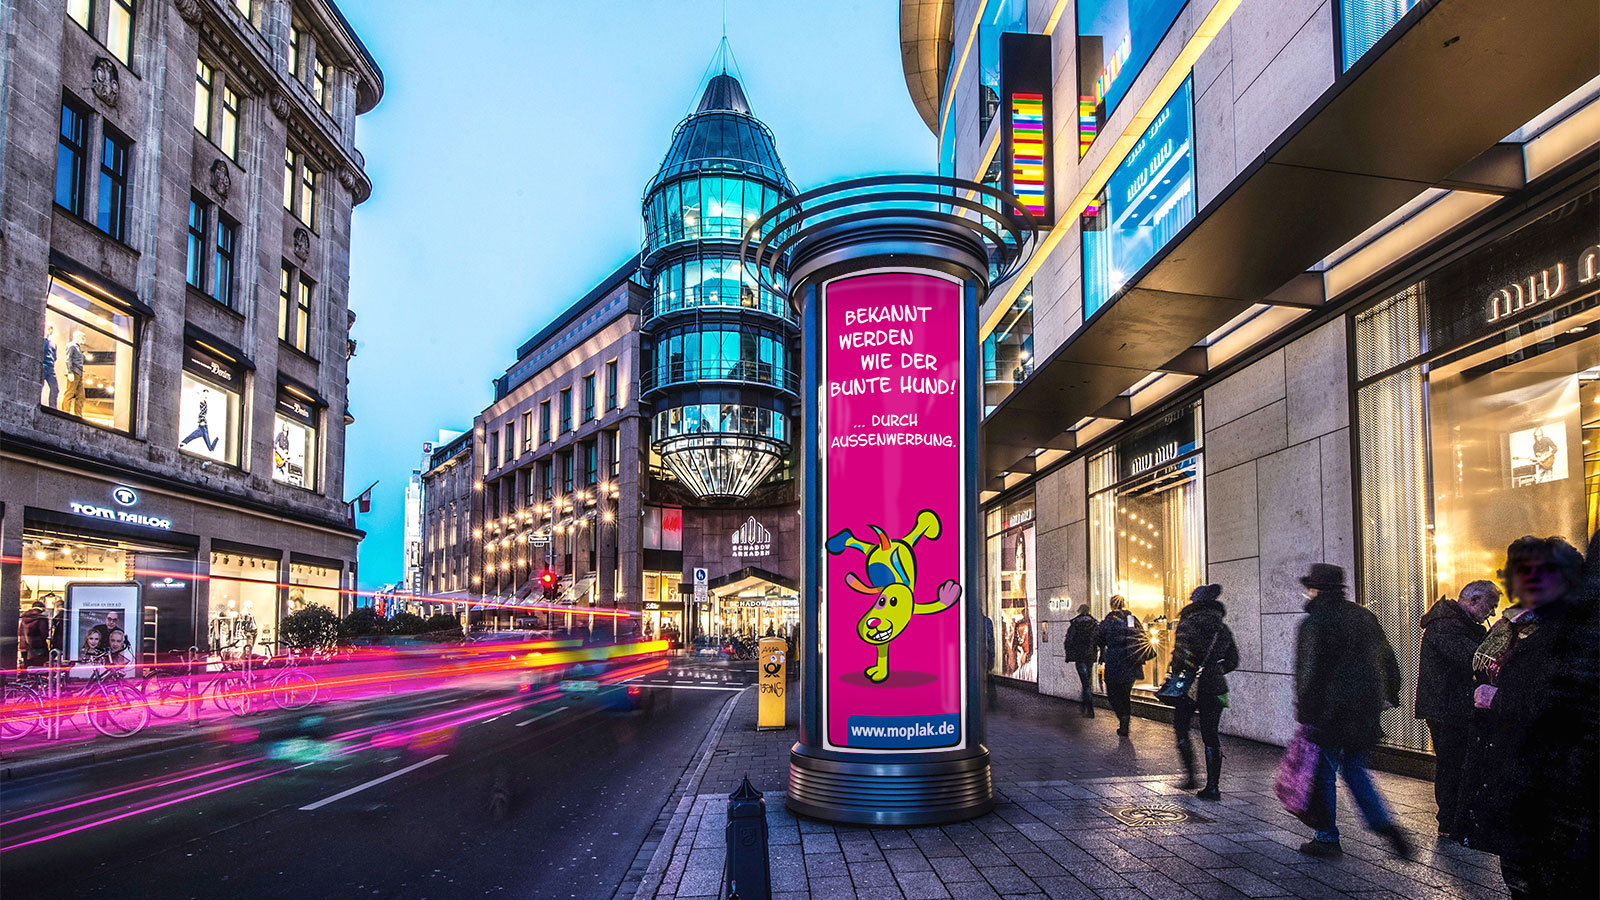 Krefeld-Aussenwerbung-Litfasssaeule-Werbung